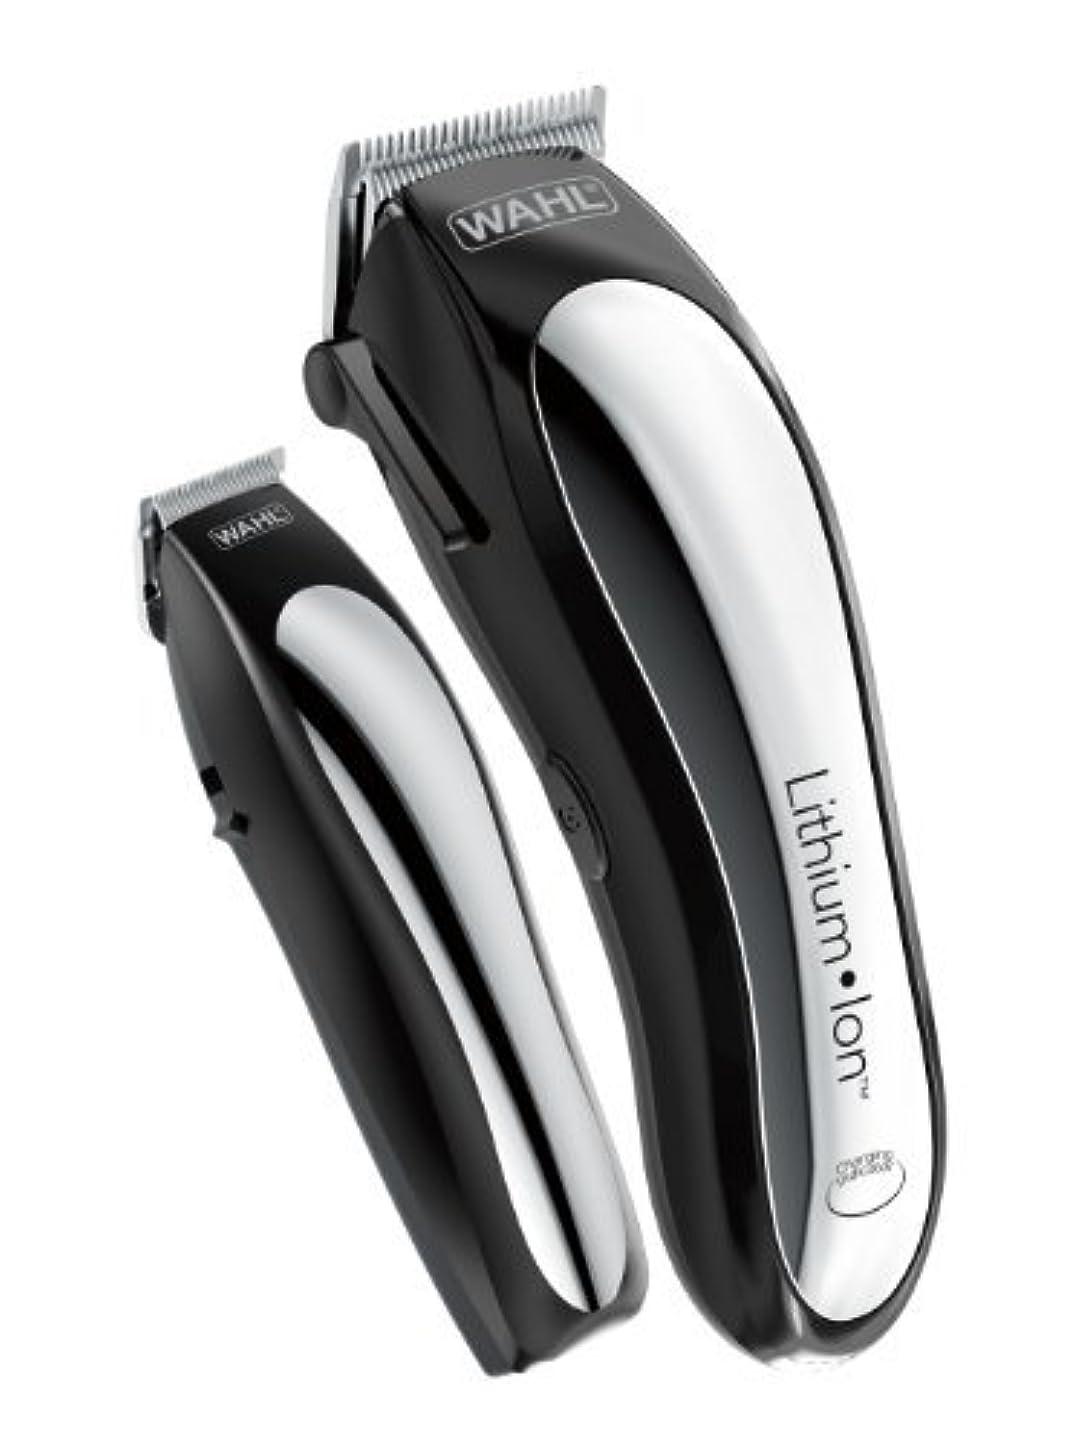 契約した勇敢な辛なWahl Clipper Lithium Ion Cordless Rechargeable Hair Clippers and Trimmers for menHair Cutting Kit with 10 Guide Combs by The Brand used by Professionals. #79600-2101 [並行輸入品]